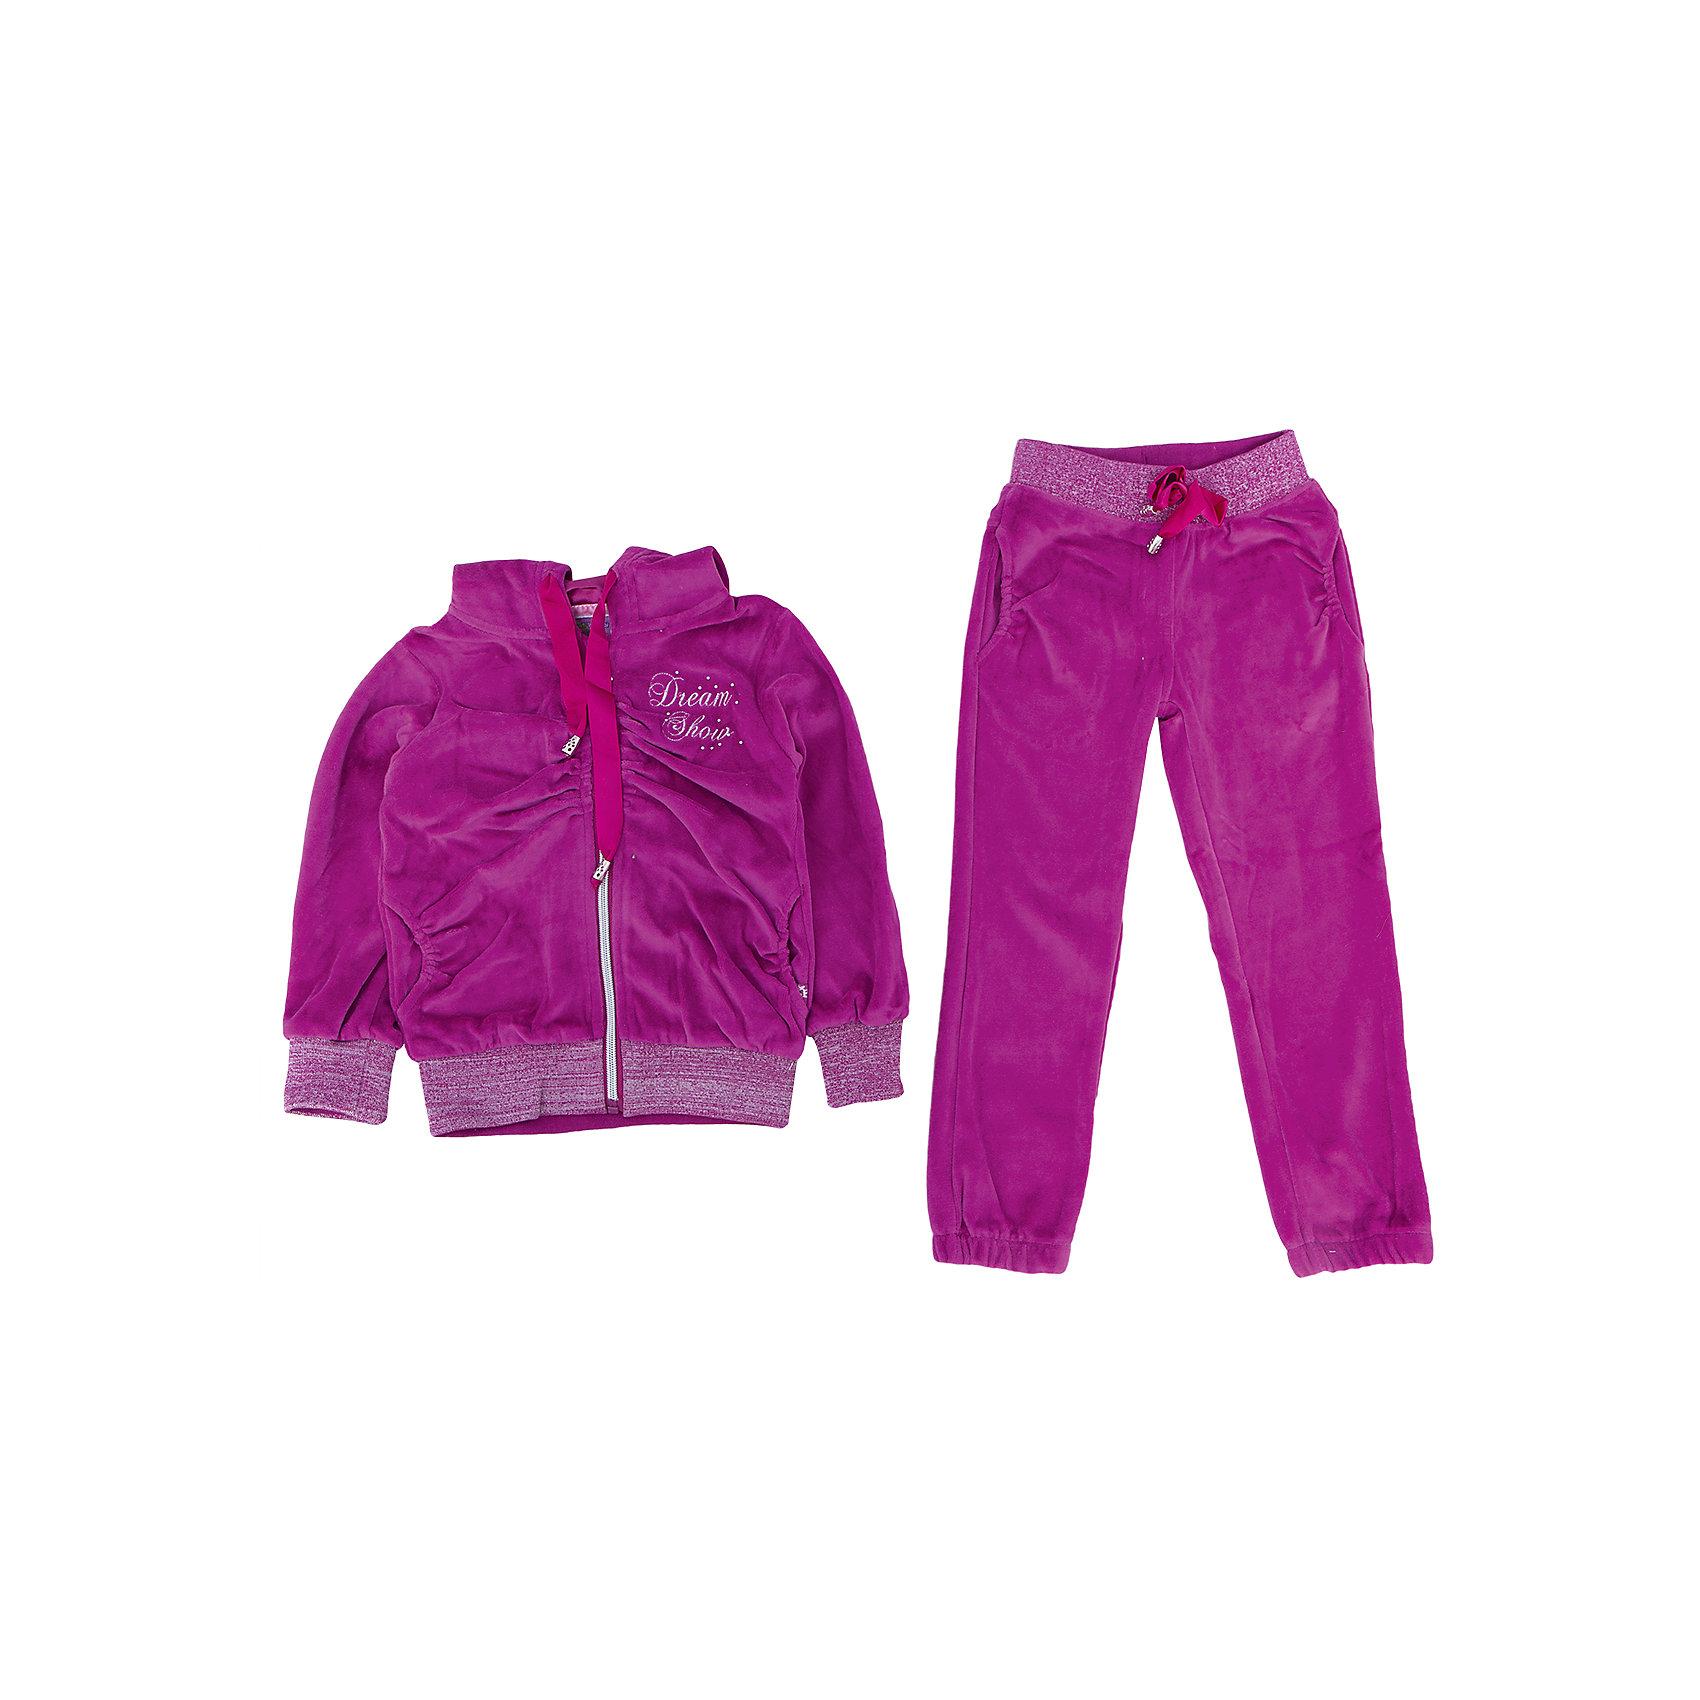 Спортивный костюм для девочки Sweet BerryСпортивная одежда<br>Спортивный костюм – важная часть школьной жизни девочки. Красивый костюм может пробудить желание ходить на занятия физкультурой, а качественный костюм прослужит долго, не теряя при этом своих прямых функций. Костюм от фирмы Sweet Berry выполнен из нежного велюра, приятного для тела, но прочного для растягивающих нагрузок. У брюк есть пояс – резинка. Кофта застегивается на молнию. Присутствует капюшон. Материалы, использованные при изготовлении одежды, полностью безопасны для детей и отвечают всем требованиям по качеству продукции данной категории.<br><br>Дополнительная информация: <br><br>манжеты на рукавах;<br>наличие капюшона;<br>цвет: лиловый;<br>материал: хлопок 95%, эластан 5%.<br><br>Спортивный костюм для девочки от компании Sweet Berry можно приобрести в нашем магазине.<br><br>Ширина мм: 247<br>Глубина мм: 16<br>Высота мм: 140<br>Вес г: 225<br>Цвет: фиолетовый<br>Возраст от месяцев: 24<br>Возраст до месяцев: 36<br>Пол: Женский<br>Возраст: Детский<br>Размер: 98,104,110,116,122,128<br>SKU: 4931736